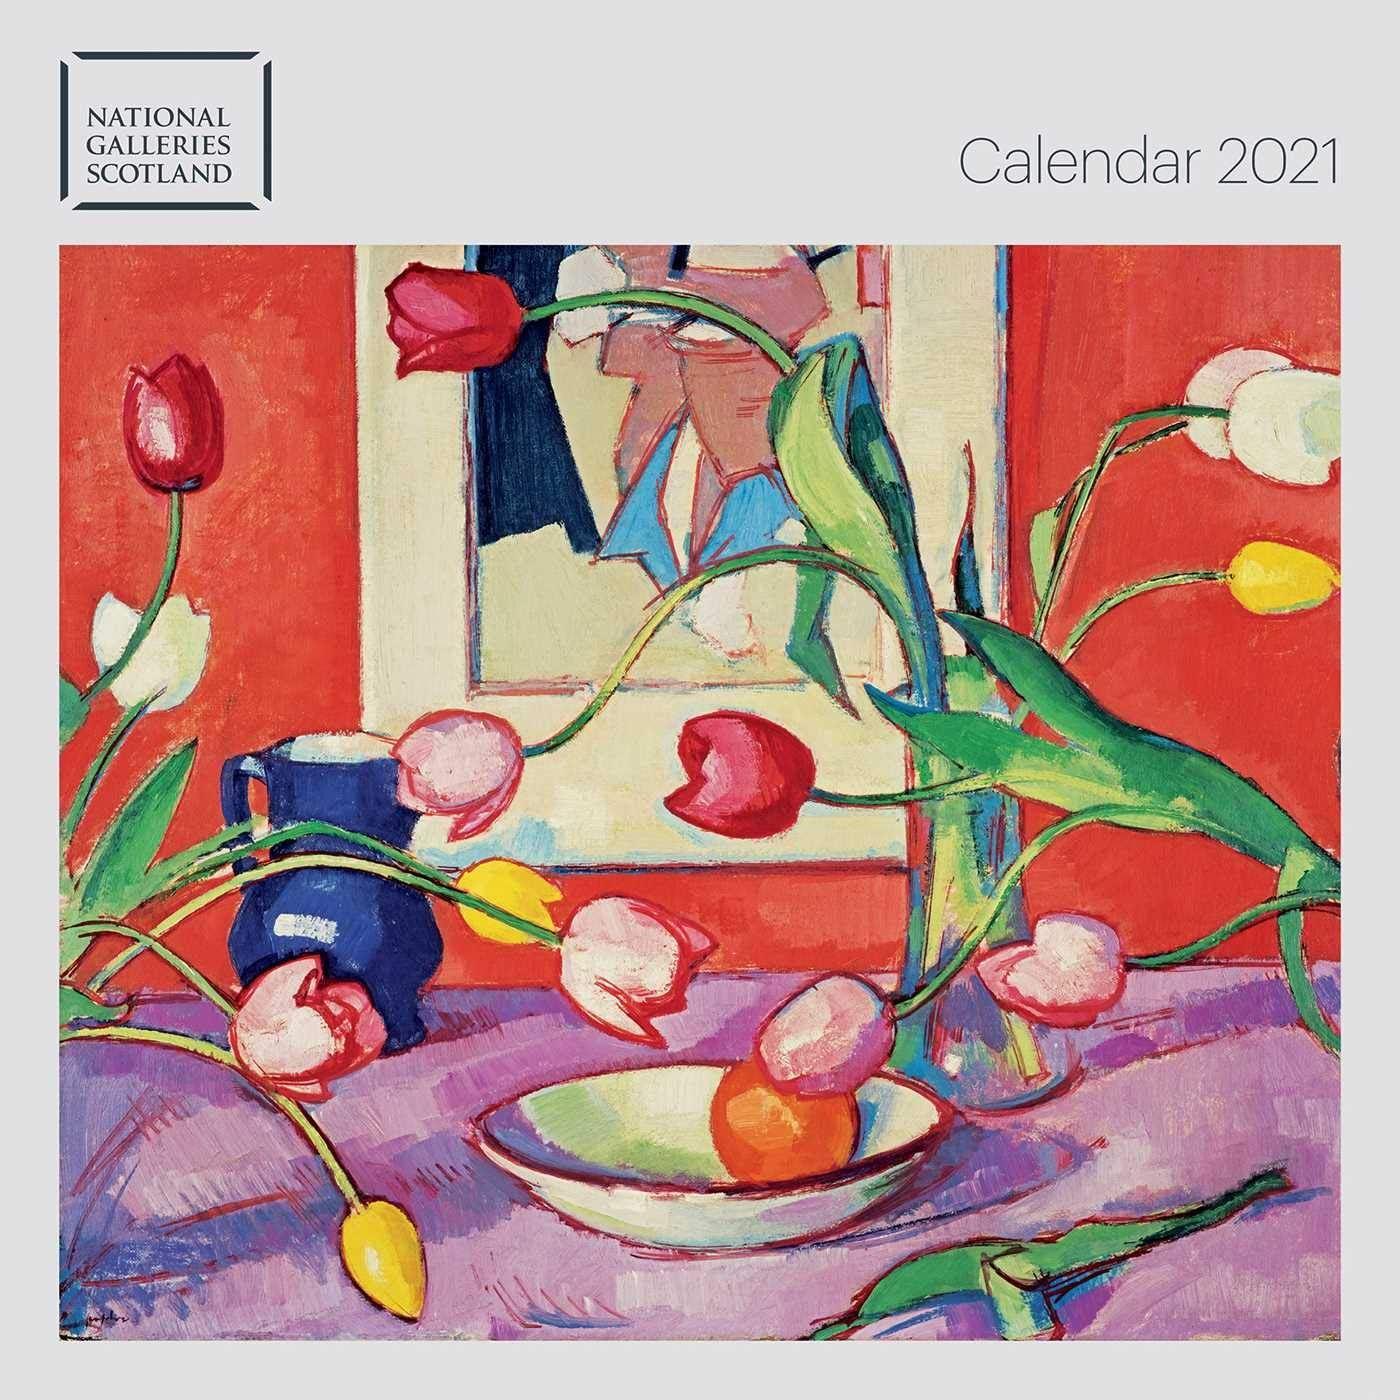 National Galleries of Scotland 2021 Wall Calendar